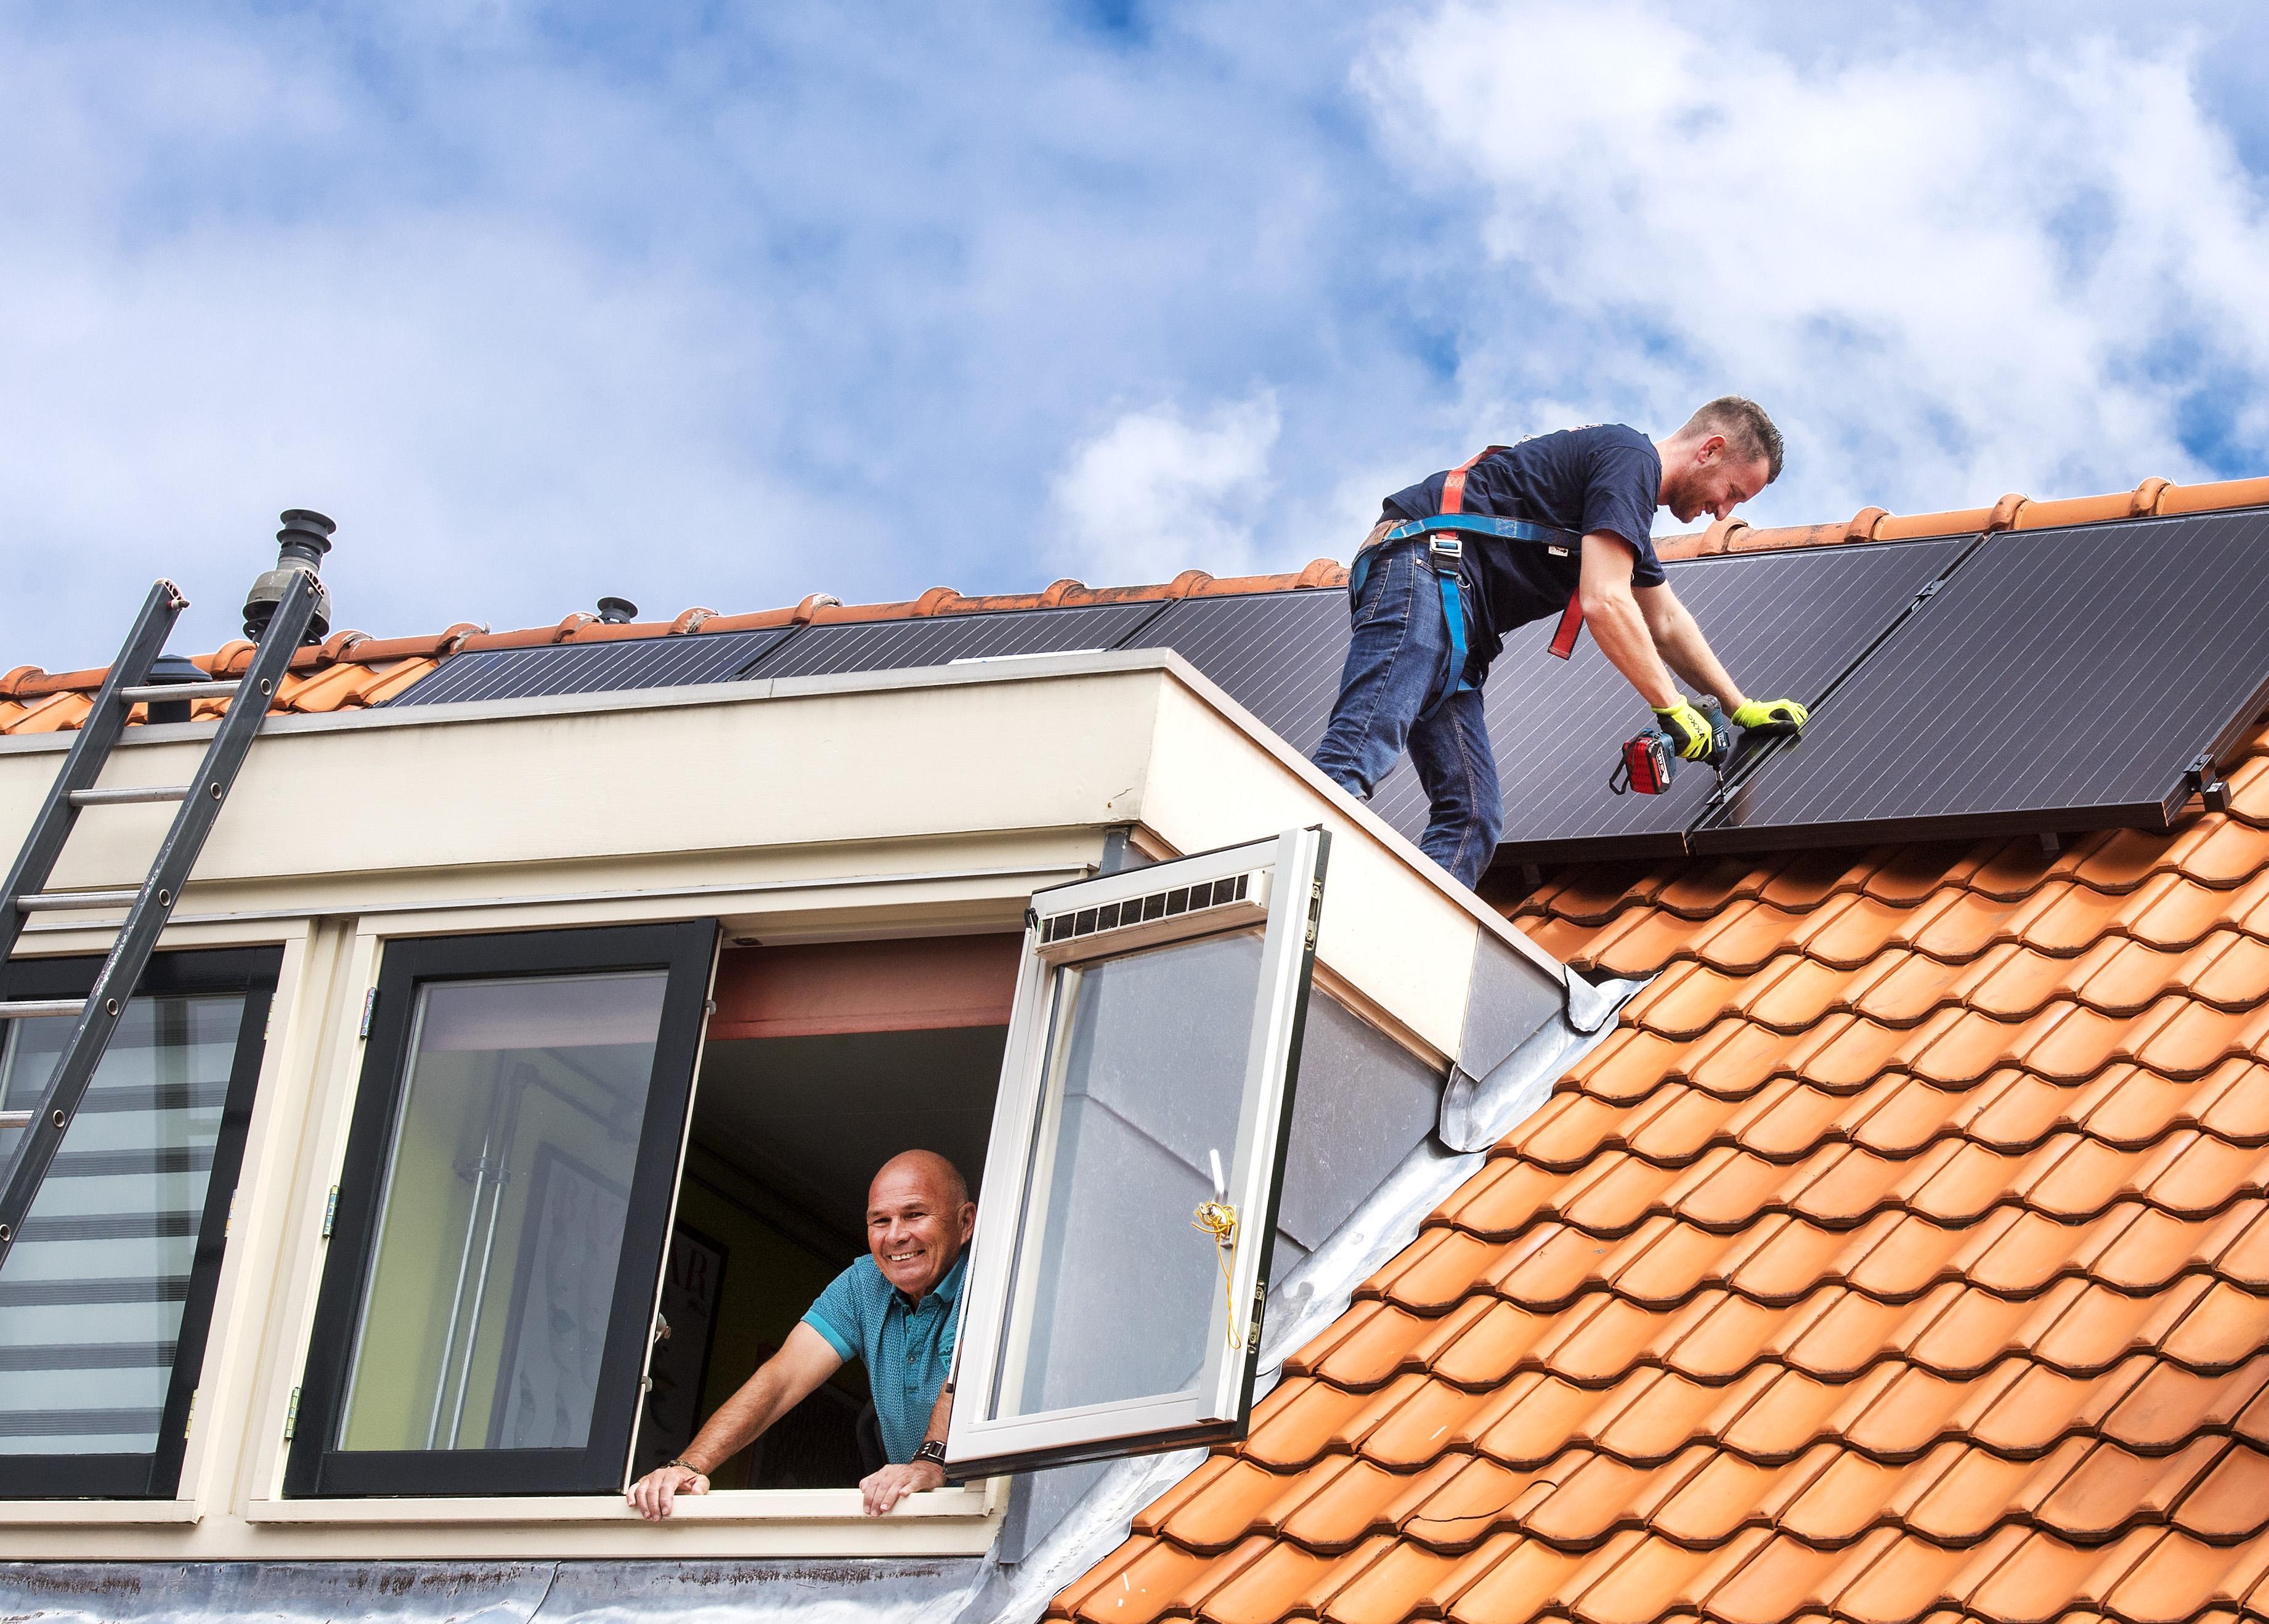 Gemeente te laat met aanvragen groene subsidie. Inwoners Hillegom en Haarlemmermeer lopen honderd euro mis voor duurzamer huis